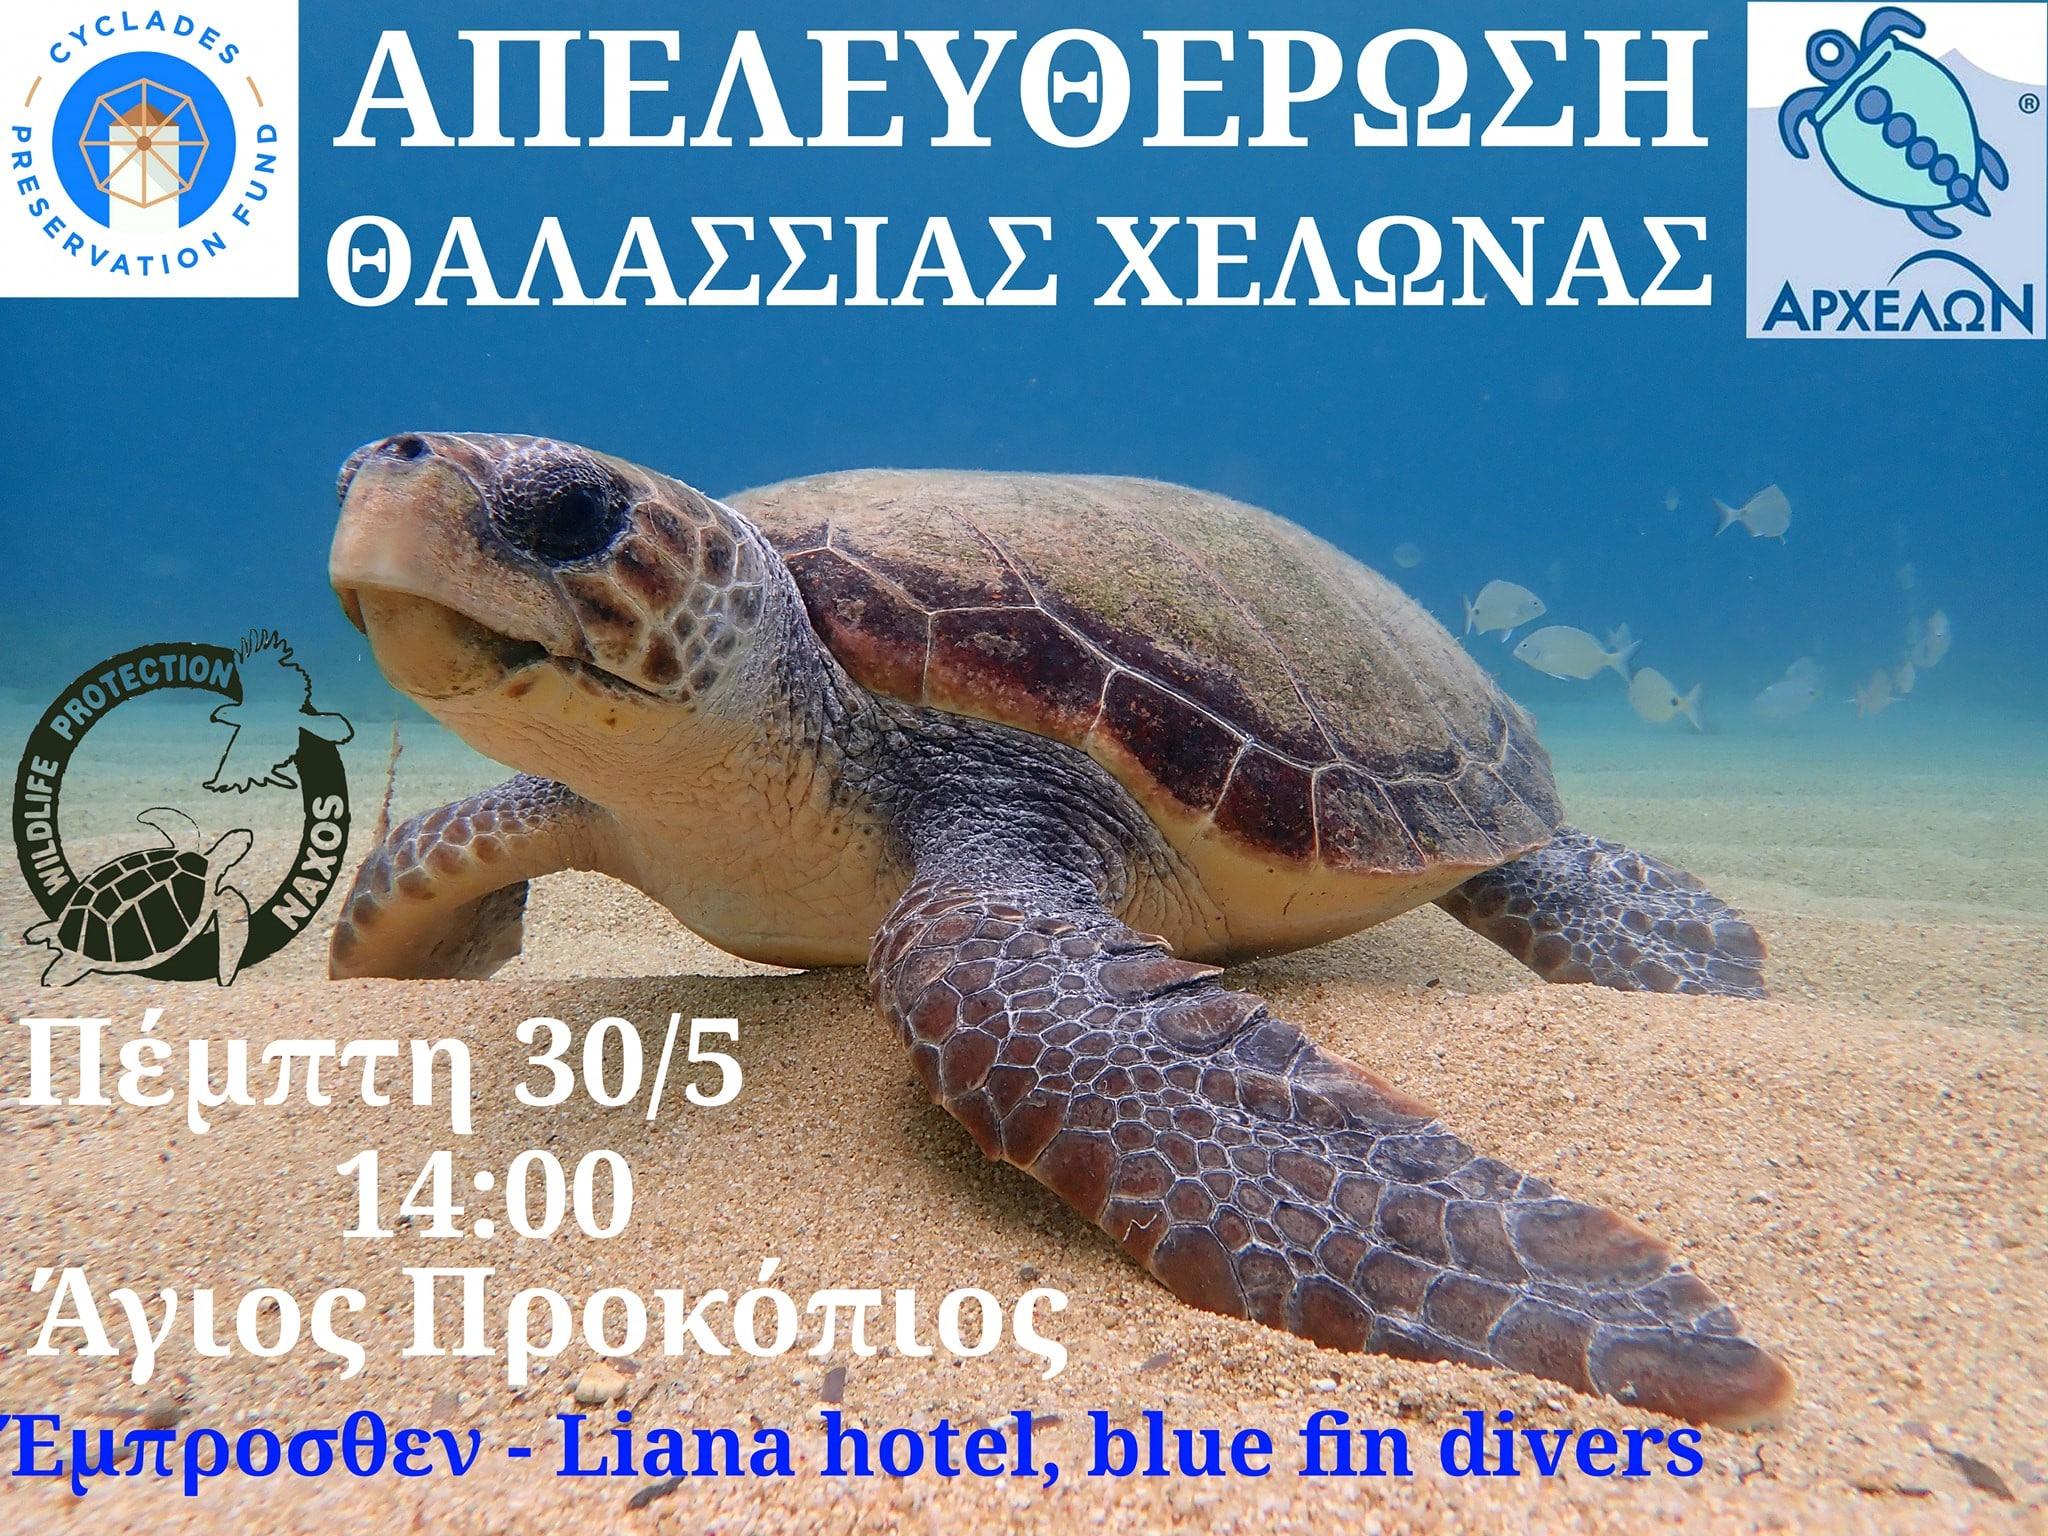 Ελεύθερη στη θάλασσα του Αγίου Προκοπίου Νάξου θα αφεθεί η Caretta-Caretta «Ζωή»